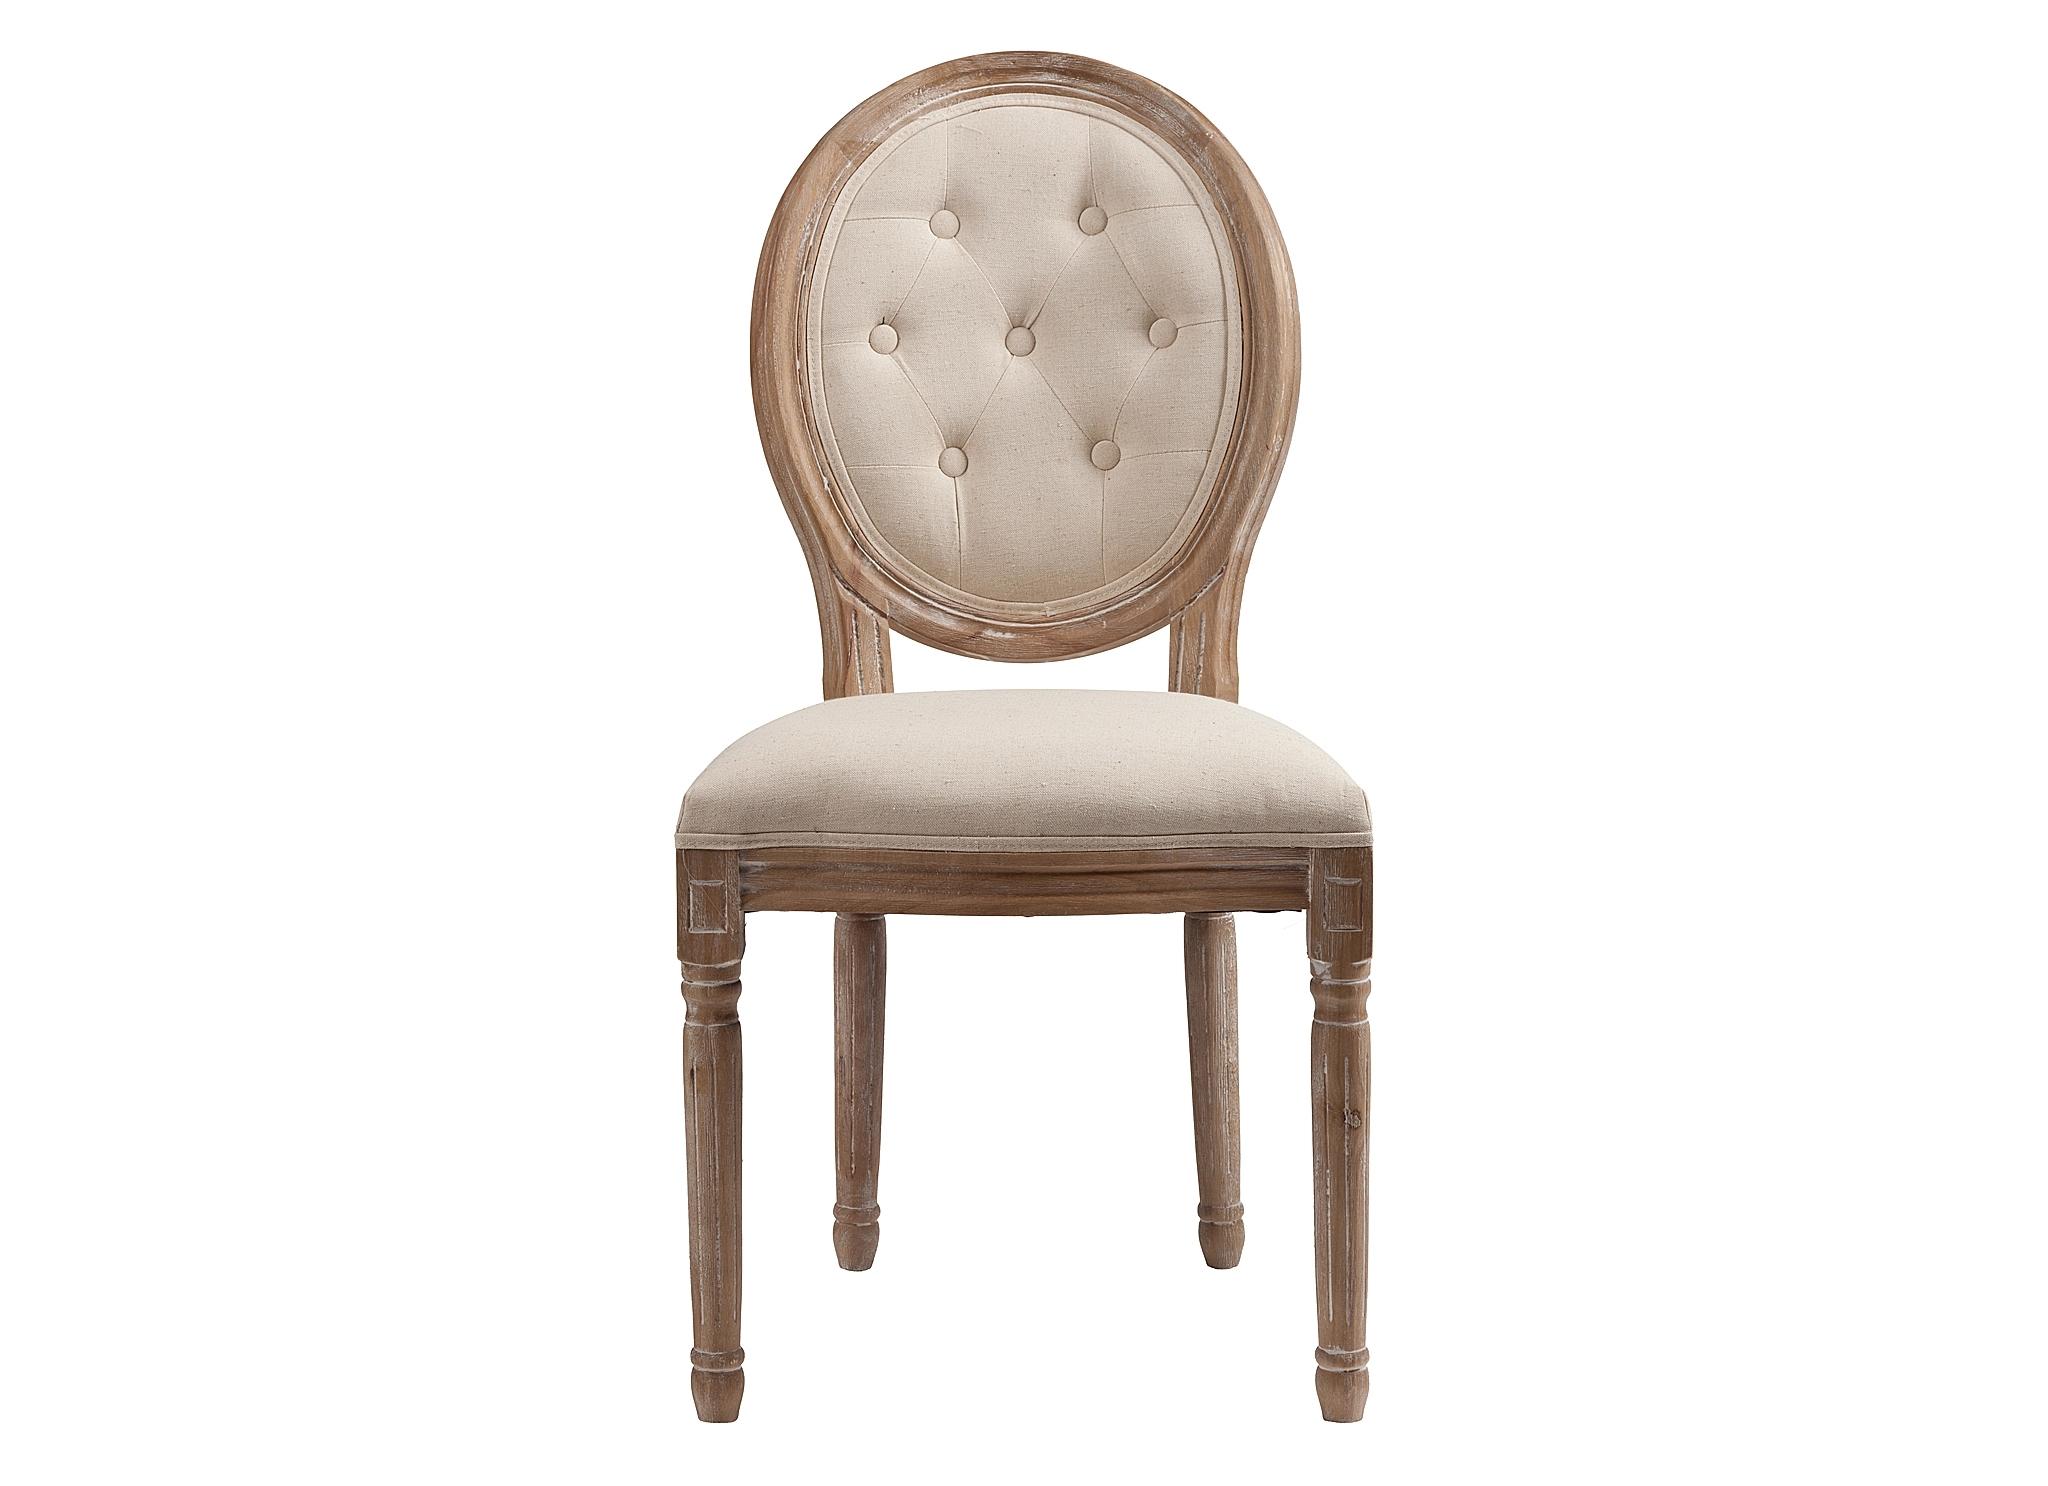 Стул MauriceОбеденные стулья<br>Винтажный стул без подлокотников Maurice идеально подходит для интерьеров в роскошном французском стиле, а также стилях прованс и шебби-шик. Изящные резные ножки и детали каркаса выточены из древесного массива и искусственно состарены, выбелены, а обивка сиденья и спинки-медальона сшиты из льняной материи натурального небеленого оттенка.<br><br>Material: Лен<br>Width см: 50<br>Depth см: 56<br>Height см: 96